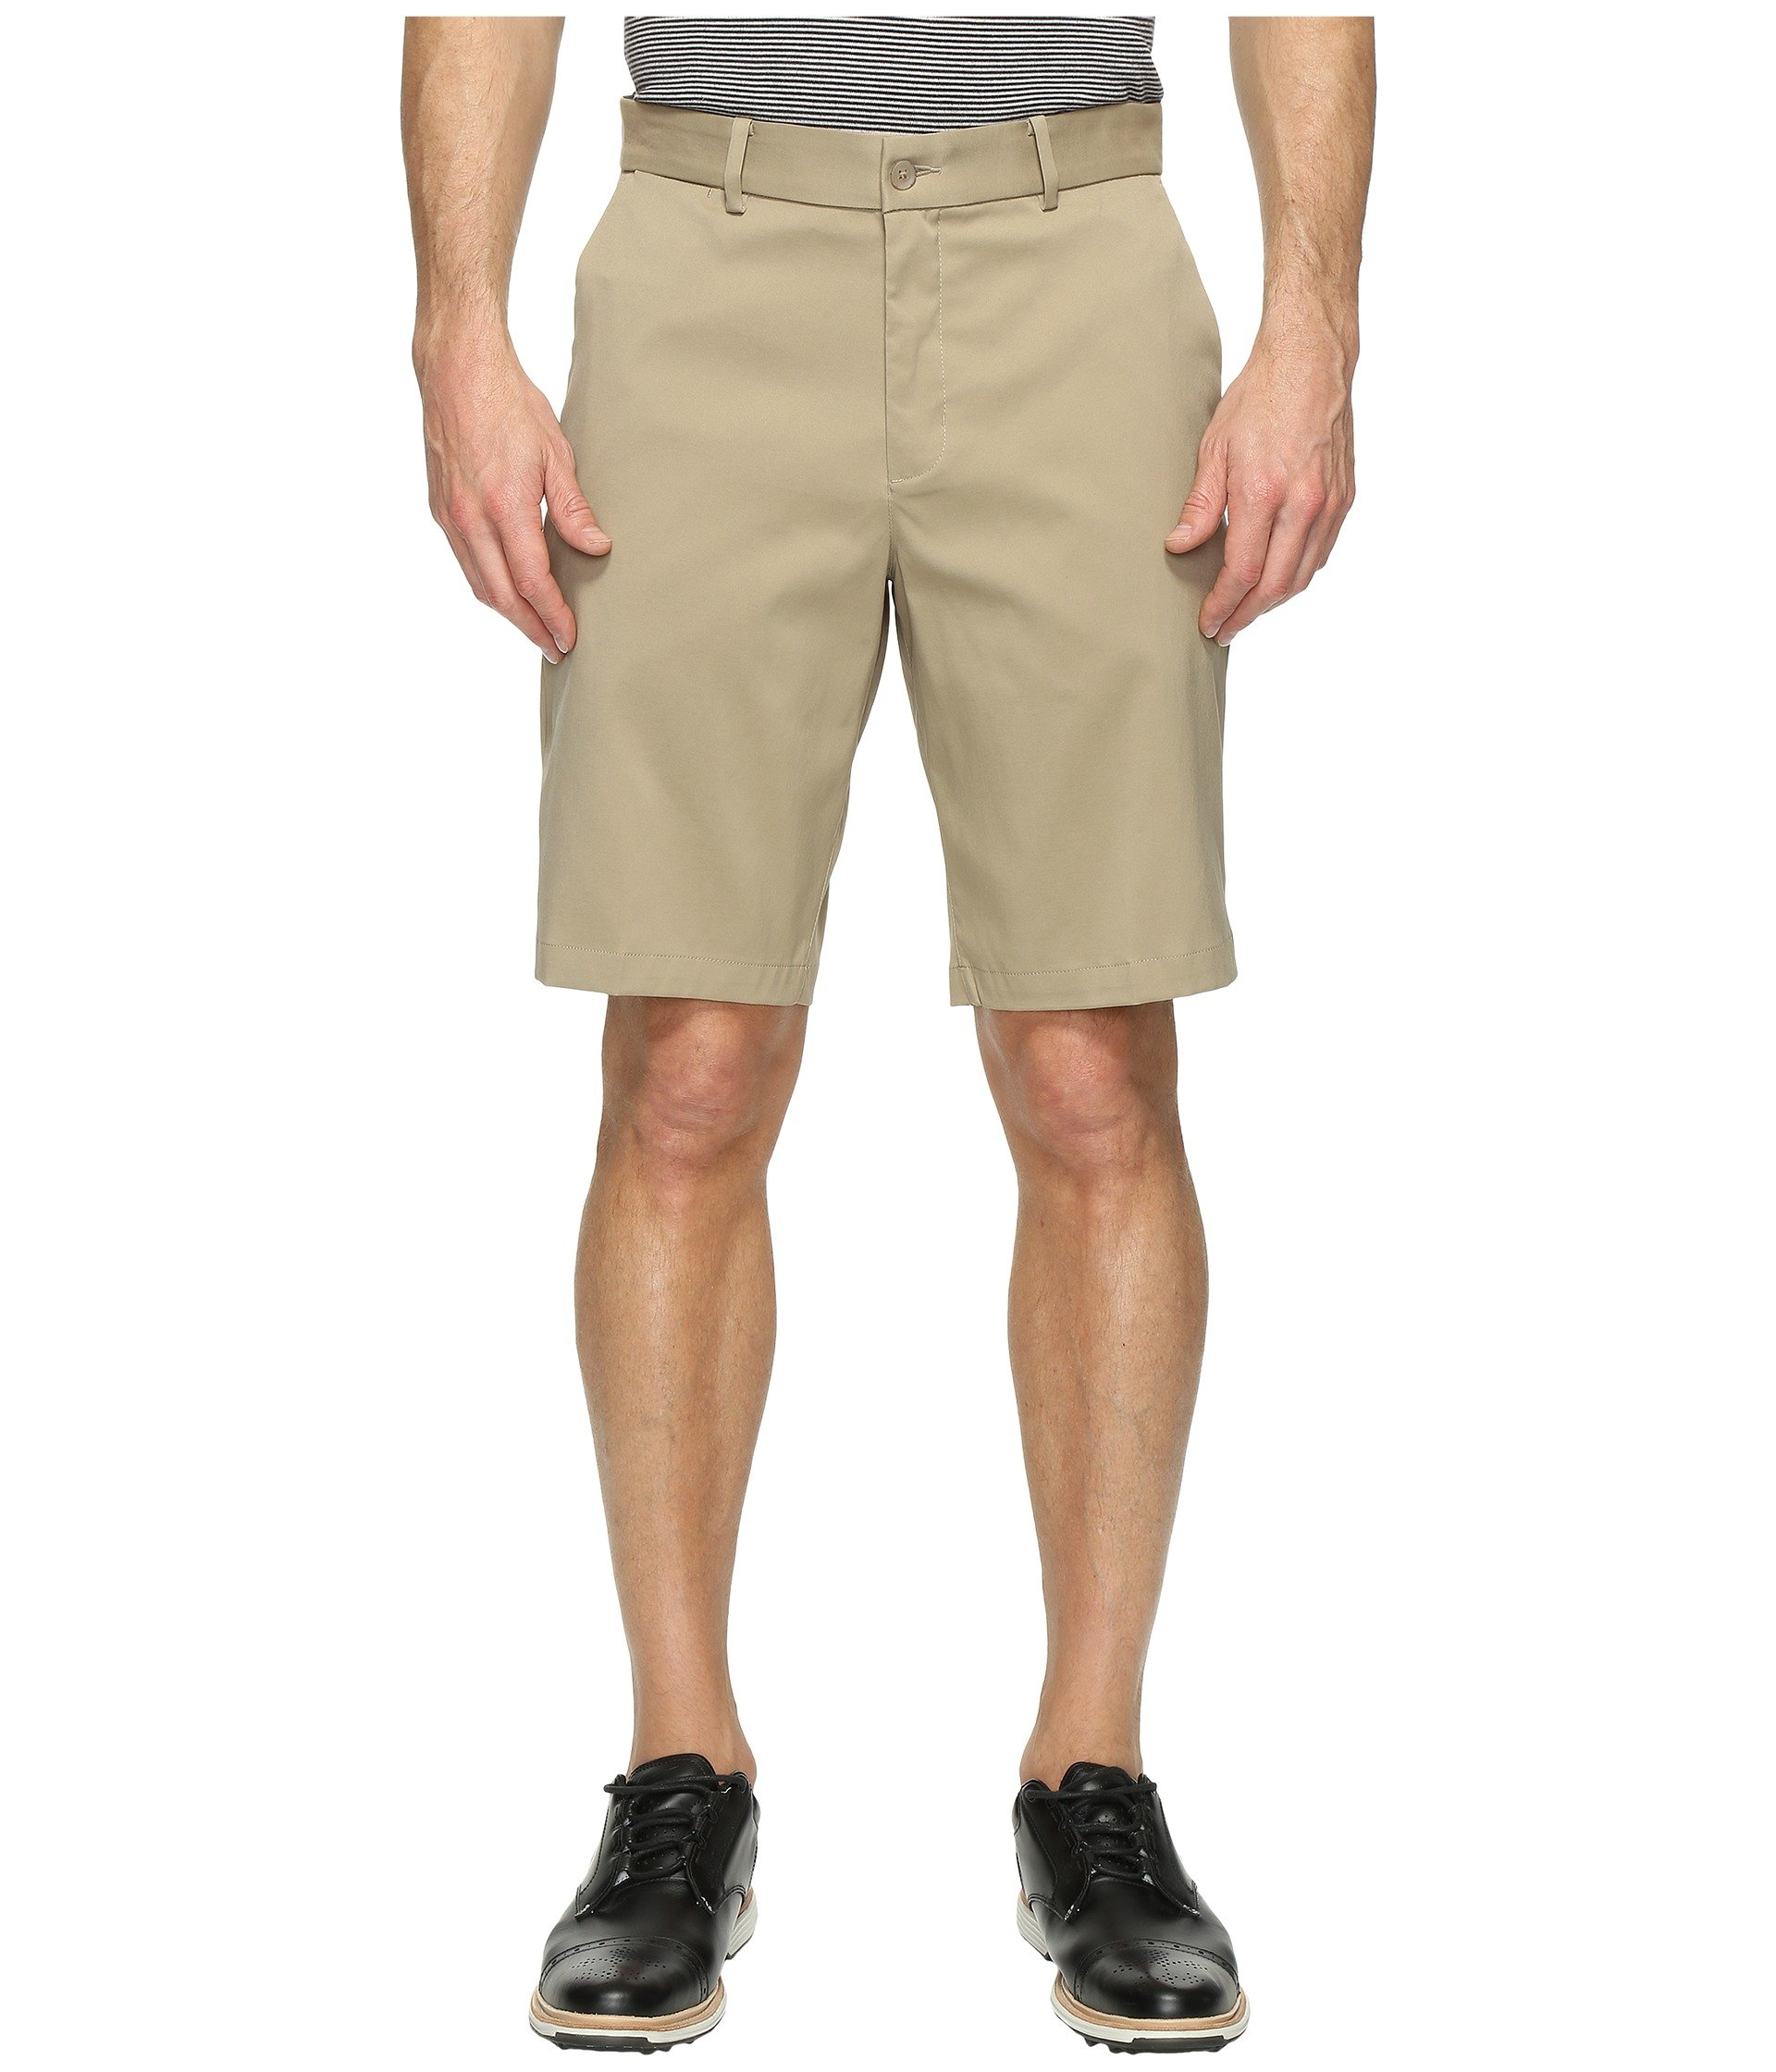 Nike Men's Flex Core Golf Shorts, Khaki, 40 by Nike